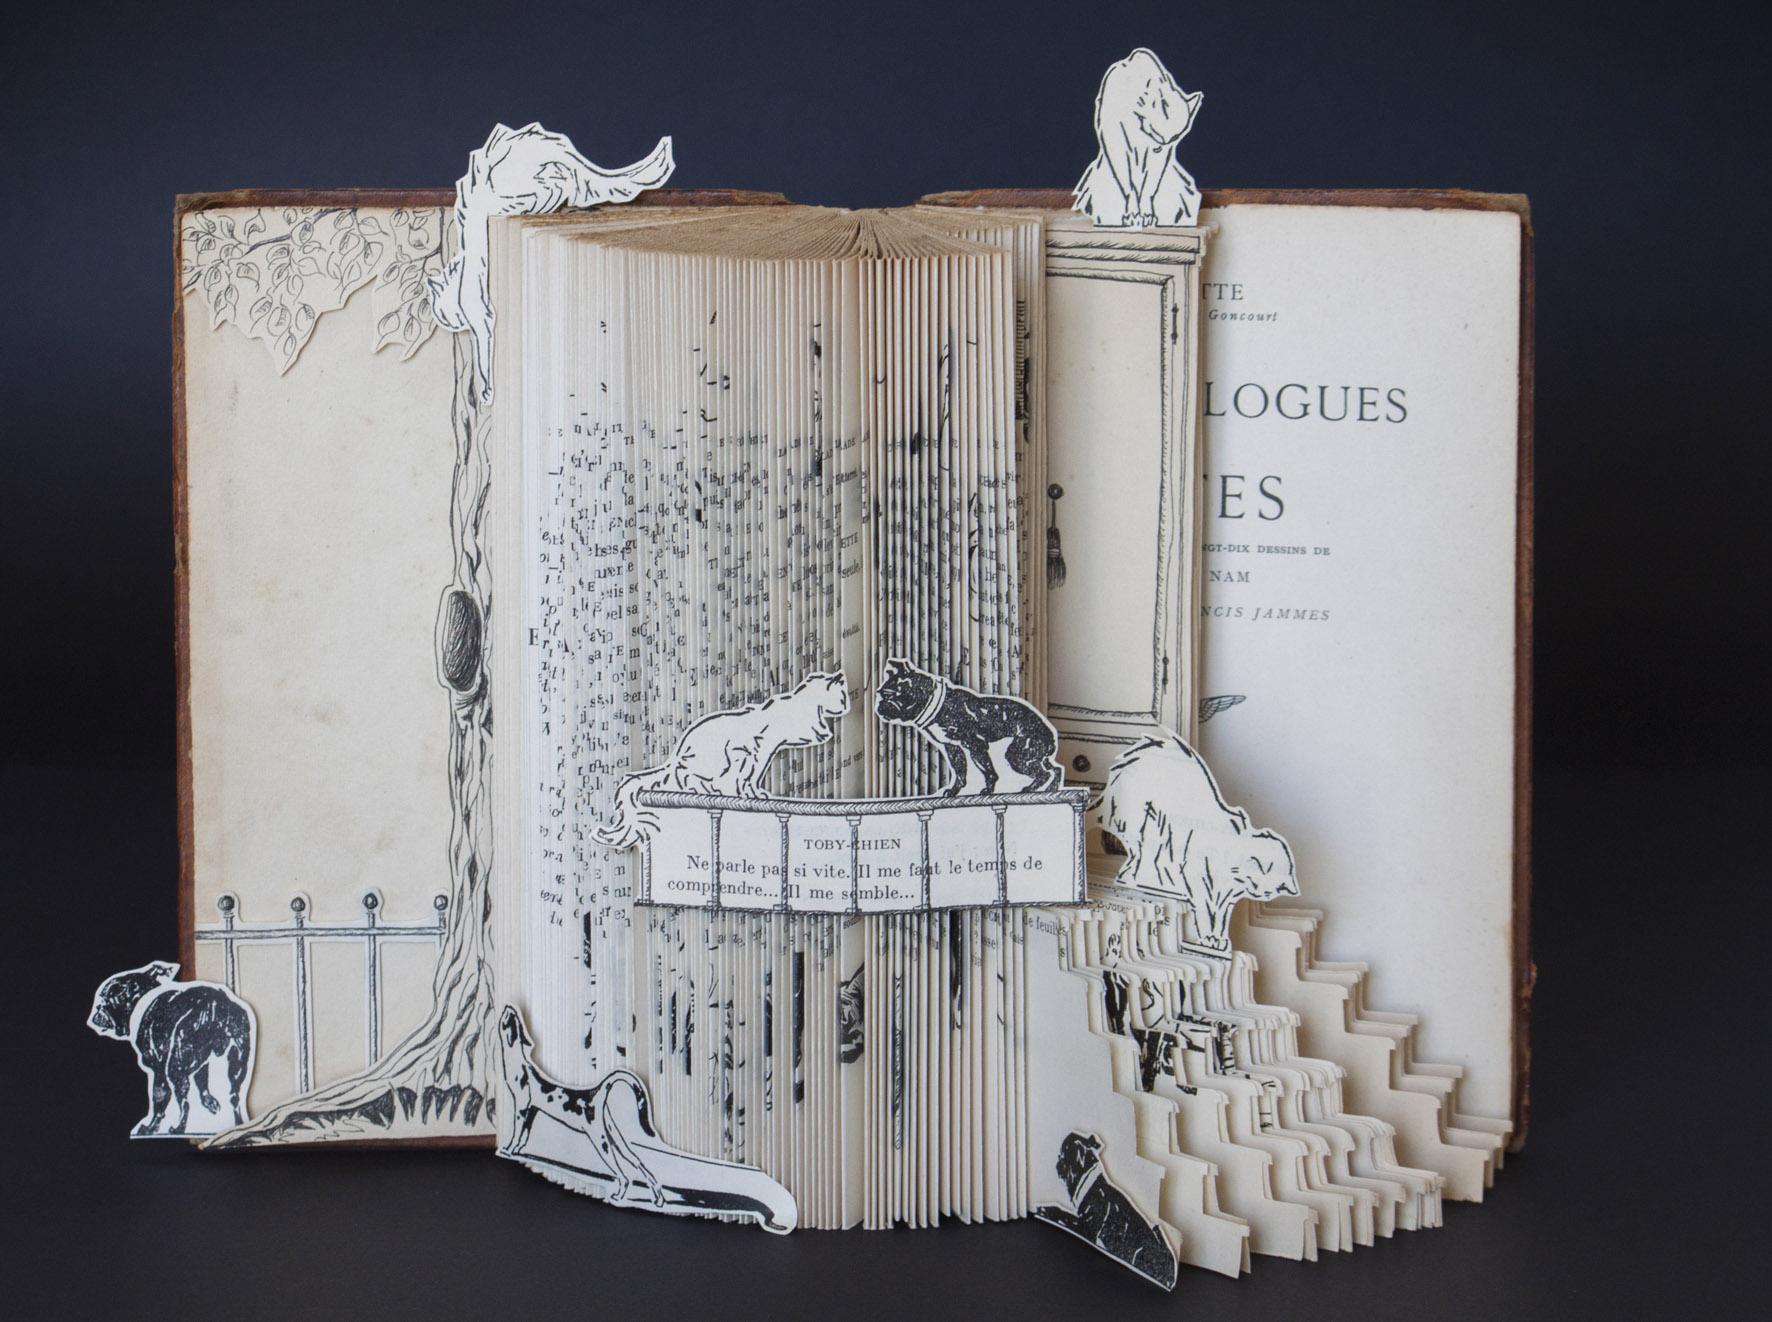 Aquarelas e livros-escultura no Espaço Arte